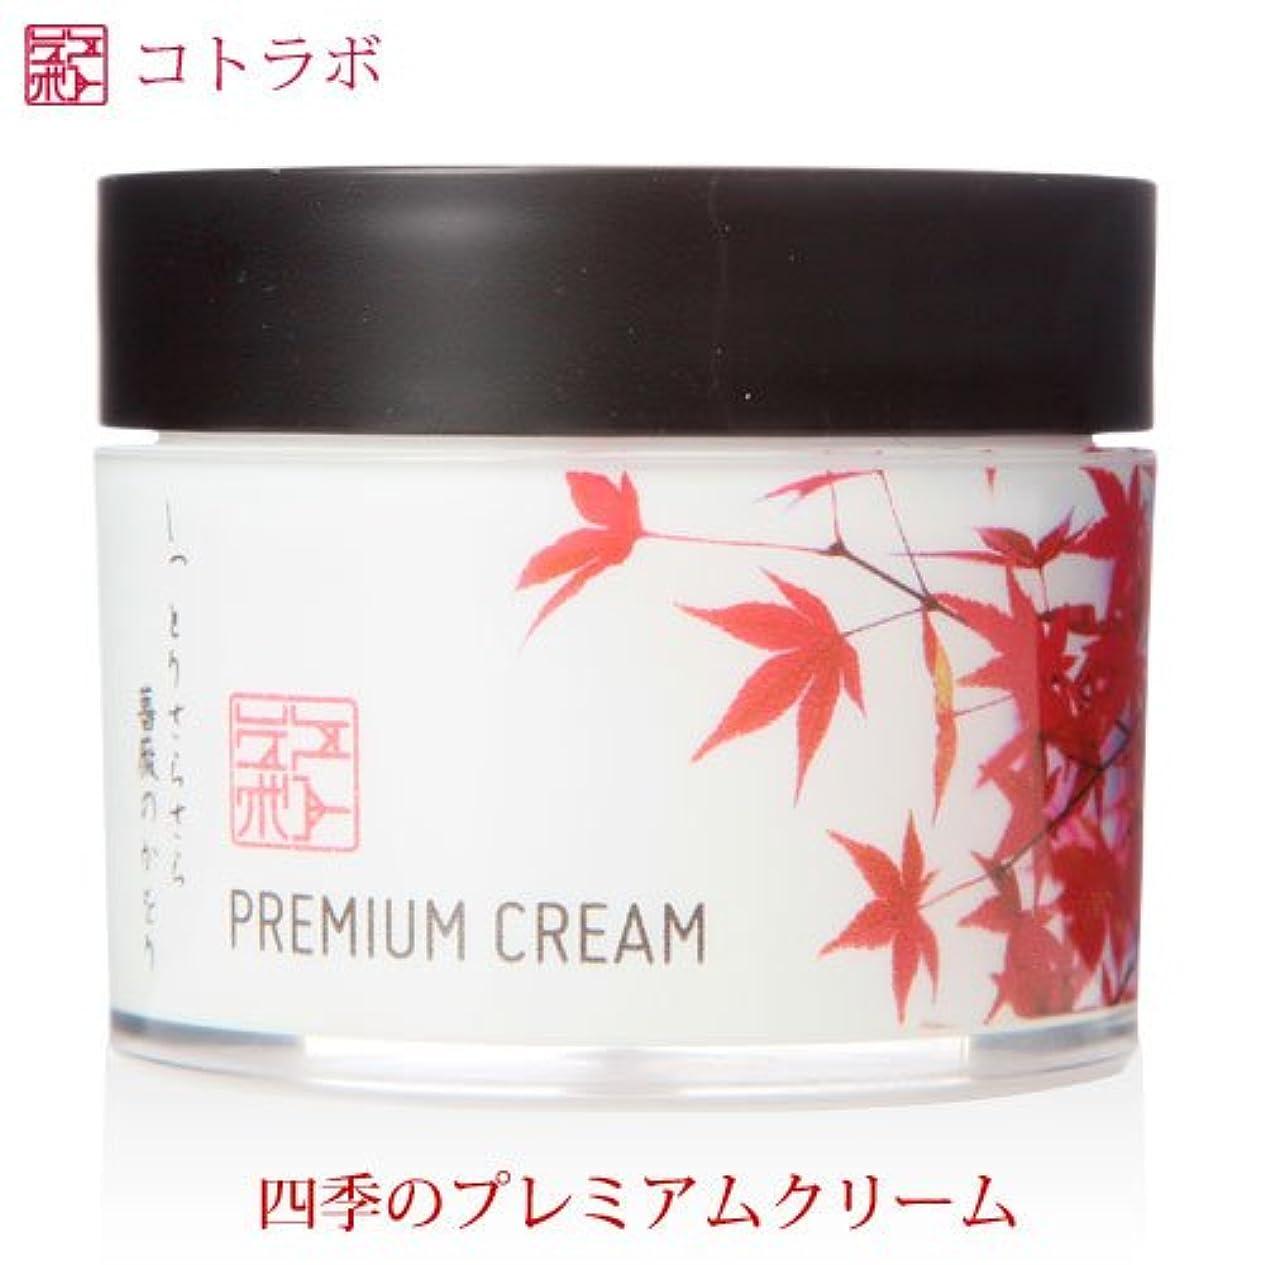 コトラボ 四季のプレミアムクリーム秋薔薇の香り50g